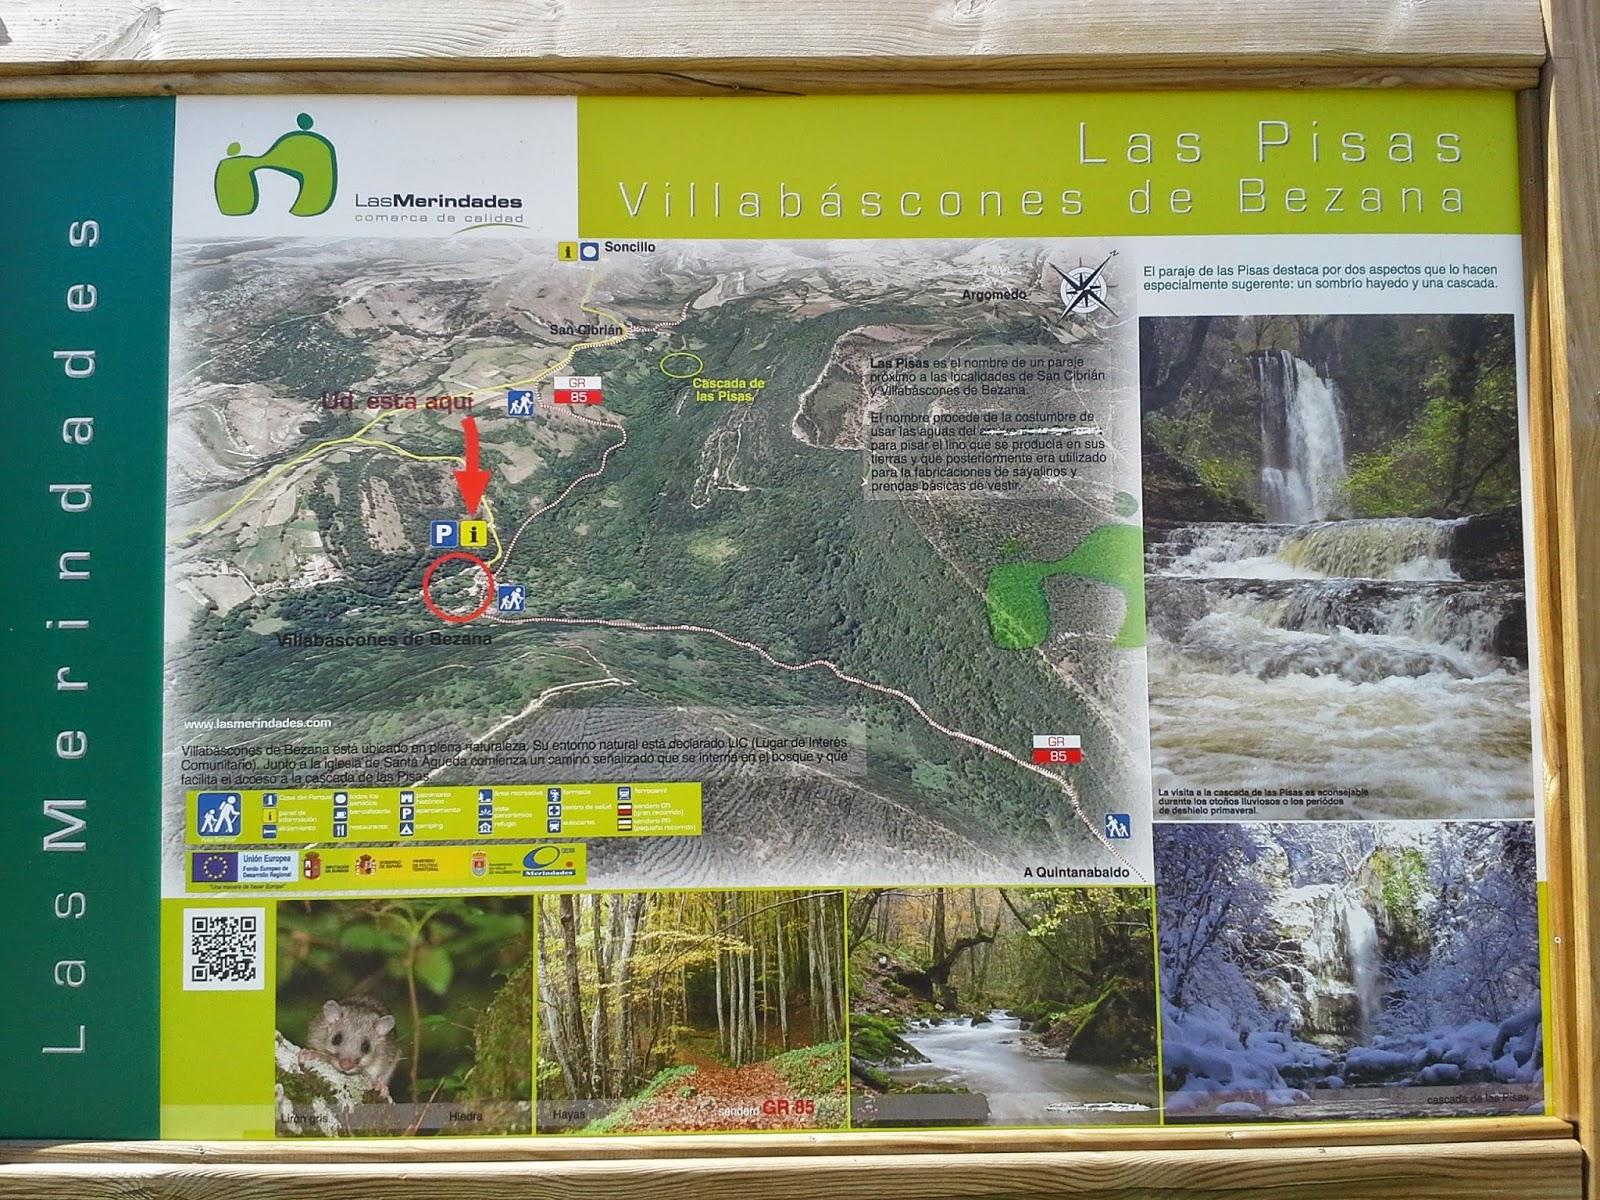 Cartel informativo sendero a la Cascada de Las Pisas